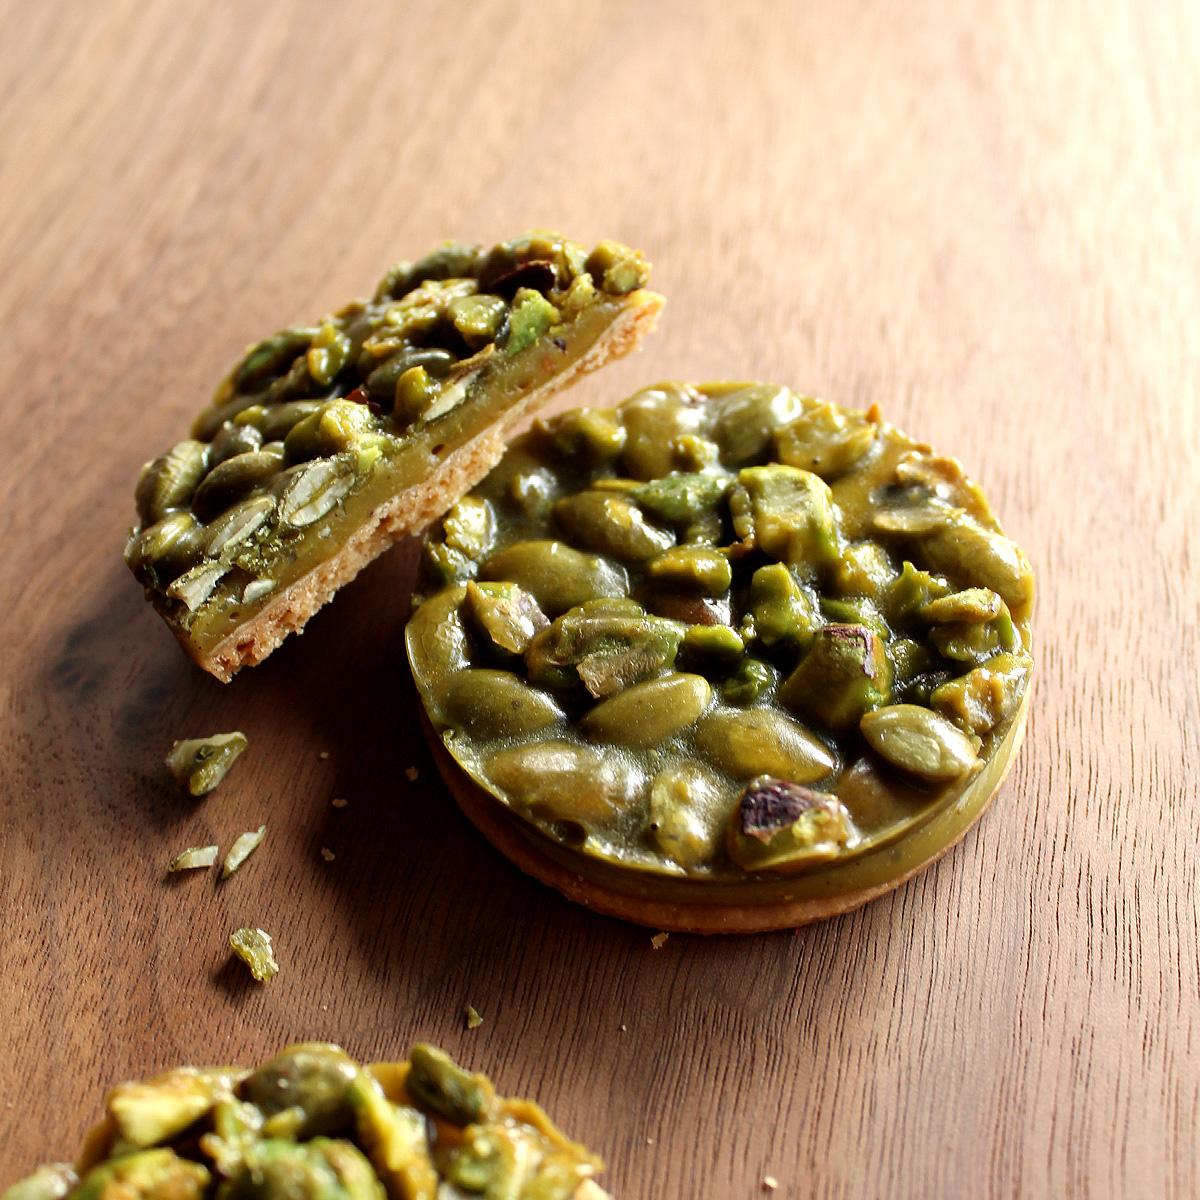 木の実のクッキー(ピスタチオ)の販売について